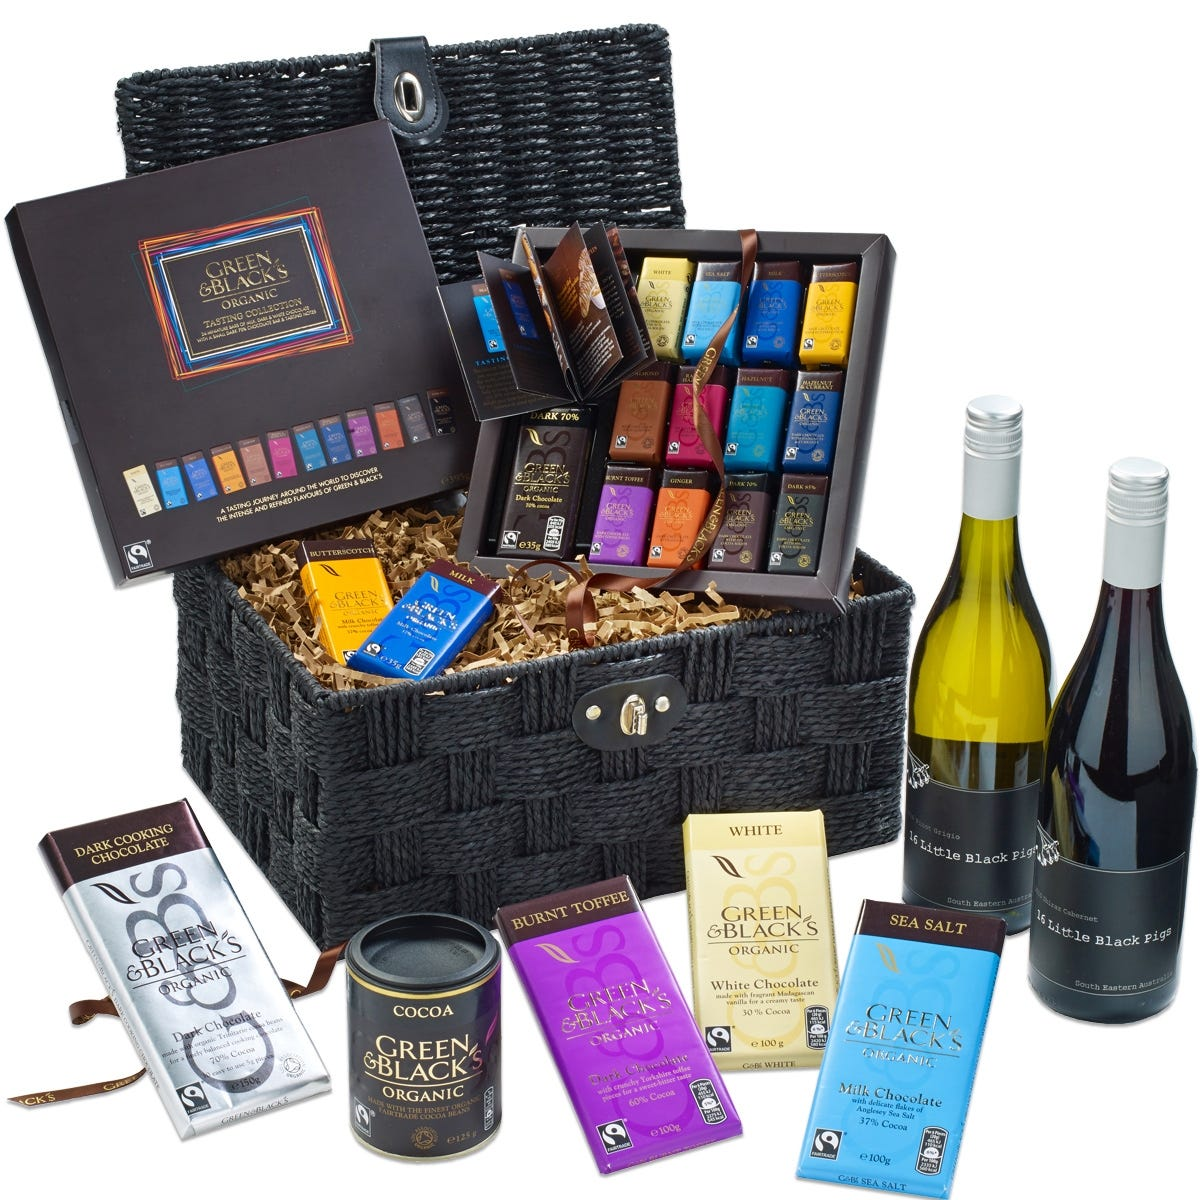 G&B's Chocolate & Wines Hamper